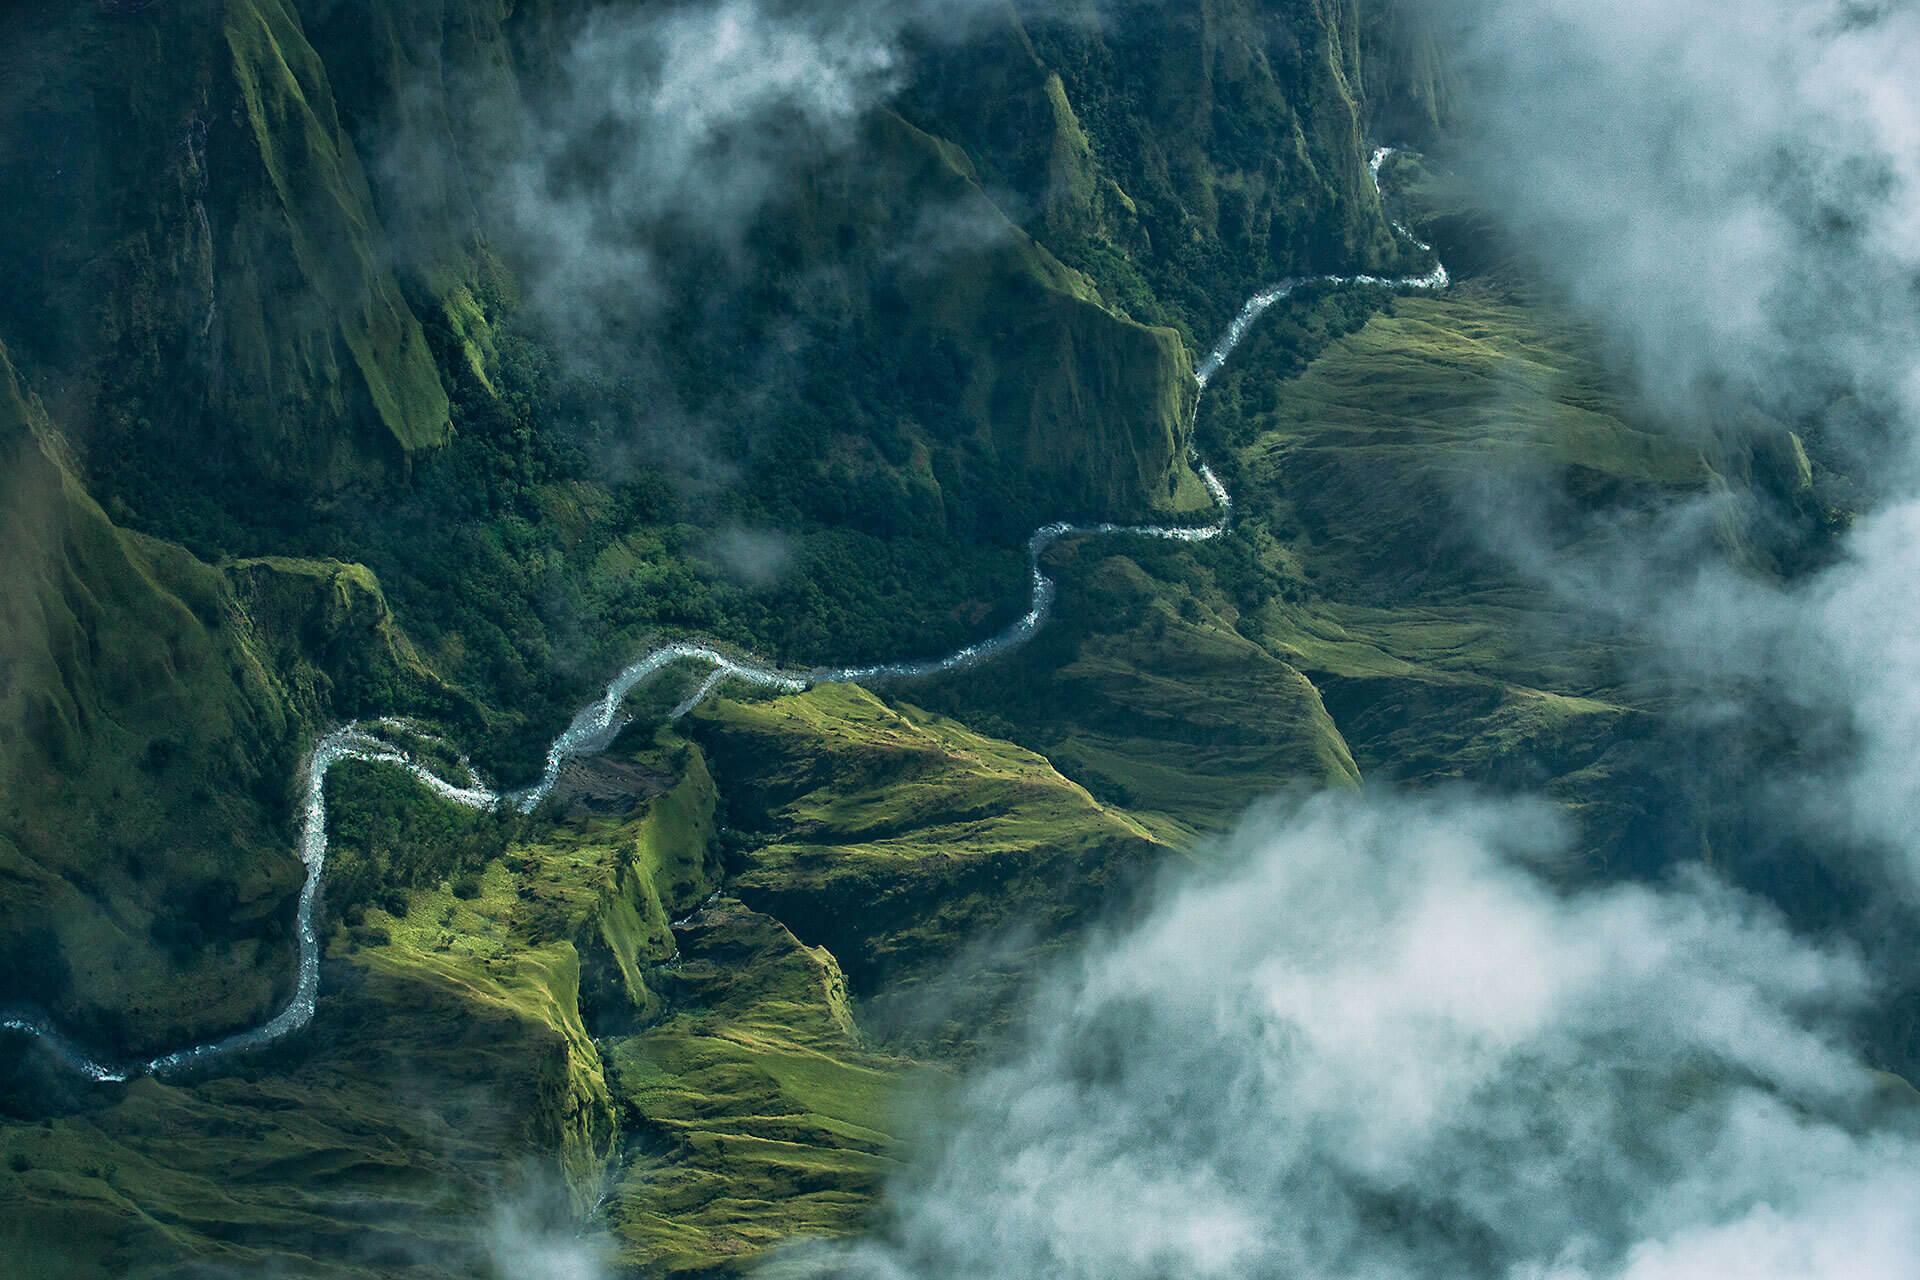 Palawan river photo by Miguel Nacianceno